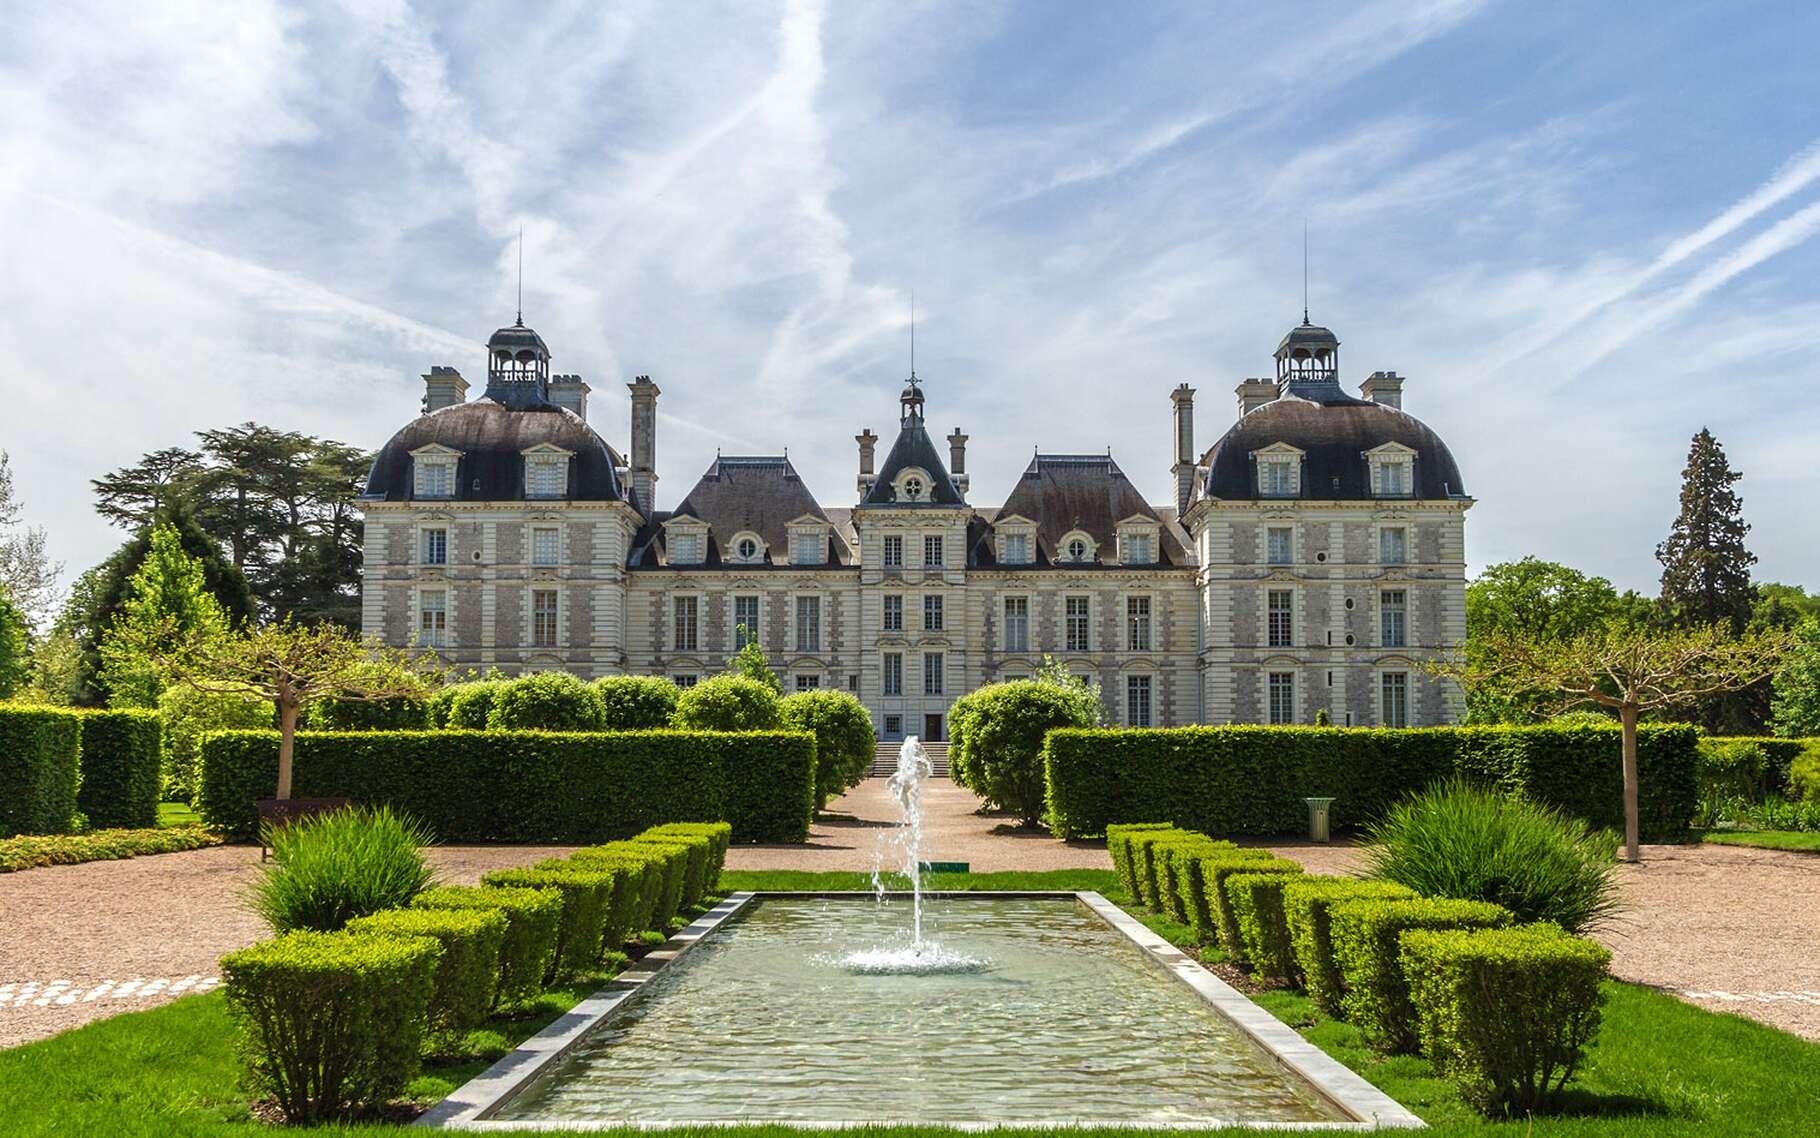 Classé aux monuments historiques, ce château, sis sur la commune de Cheverny, en Sologne (Loir-et-Cher), est un modèle d'architecture classique que l'on doit à Jacques Bougier, très inspiré par le précurseur François Mansart qui a renouvelé le style des demeures aristocratiques. La construction a débuté en 1624, sous le règne de Louis XIII, pour la famille Hurault qui en est toujours propriétaire depuis six siècles. Son style frappe par son homogénéité et sa blancheur, en raison de l'utilisation pour sa construction de la « pierre de Bourré ». Le corps principal est encadré par deux pavillons, l'ensemble étant surmonté de hauts toits. L'état de conservation du château extérieur et intérieur — avec ses nombreuses pièces richement meublées de mobilier d'époque de tapisseries murales, de peintures — en fait l'un des châteaux les plus fréquentés.Outre son style Grand siècle, la silhouette de ce château est familière à plus d'un titre car ce bâtiment a inspiré le dessinateur belge, Hergé, pour planter le décor des aventures de Tintin et son célèbre château de Moulinsart apparu pour la 1re fois dans Le secret de la licorne. Le parc de 100 hectares, avec son allée principale longue de 6 km et ses pièces d'eau, est un modèle de jardin à la française. Il abrite une orangerie et un chenil car, dans son enceinte, sont encore organisées des chasses à courre. Le baptême des chiots de la meute a lieu une fois par an au mois de mai et les visiteurs sont invités à leur donner un nom ; jusqu'à 2020, la lettre à l'honneur sera le « P » !Château de Cheverny. © Benh Lieu Song, Wikimedia Commons, CC by-sa 4.0